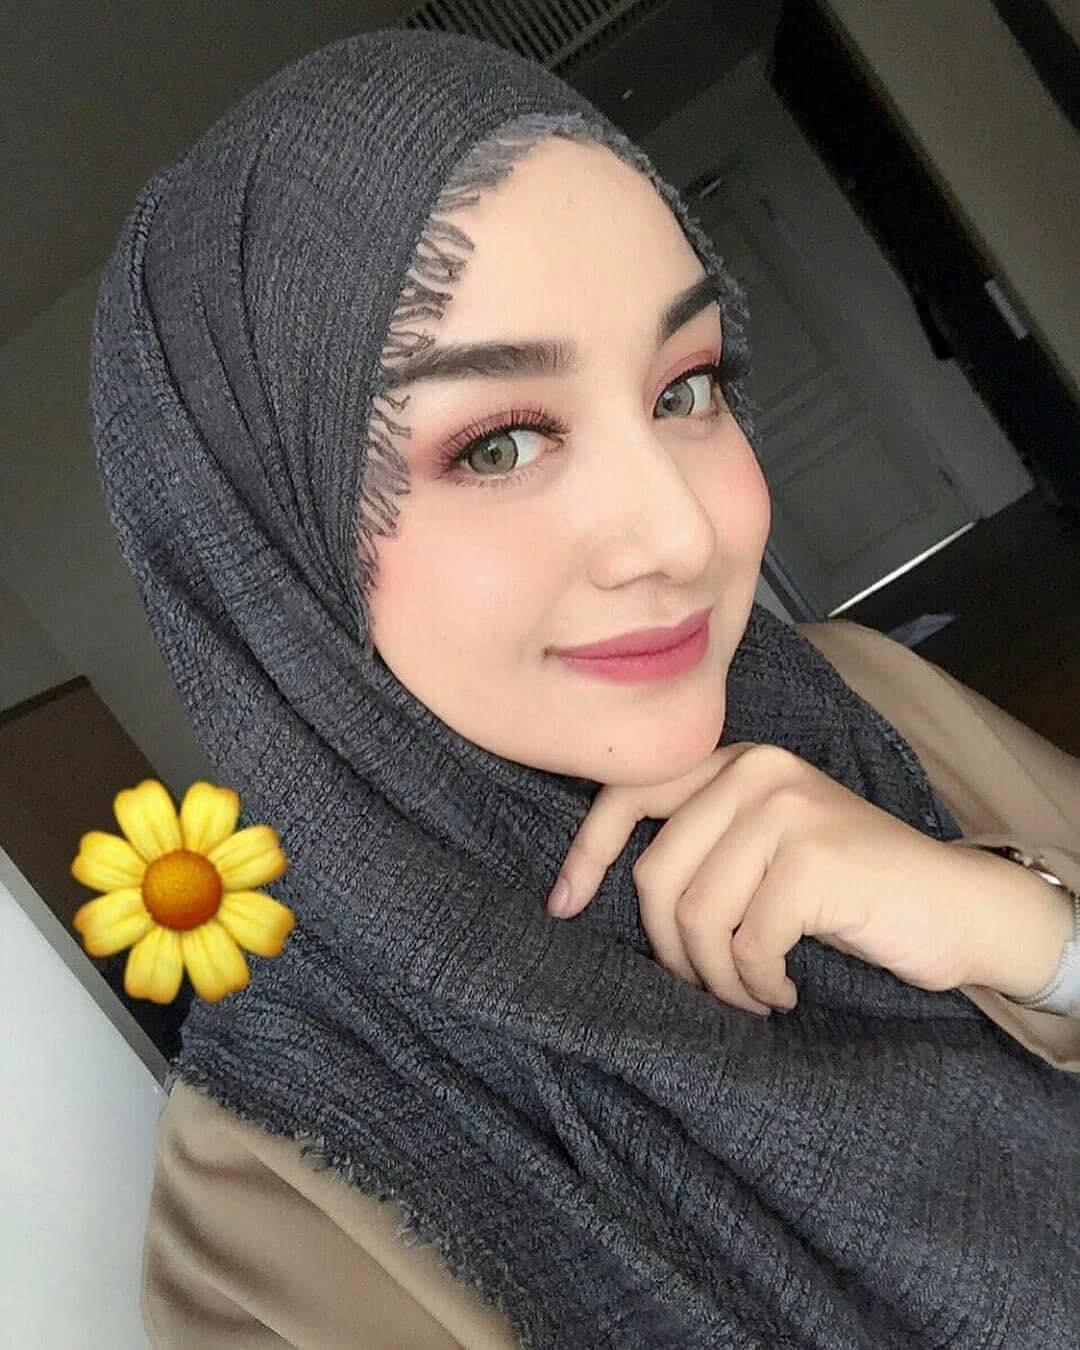 Agen Jilbab Instan Belah Samping Termurah di Grobogan